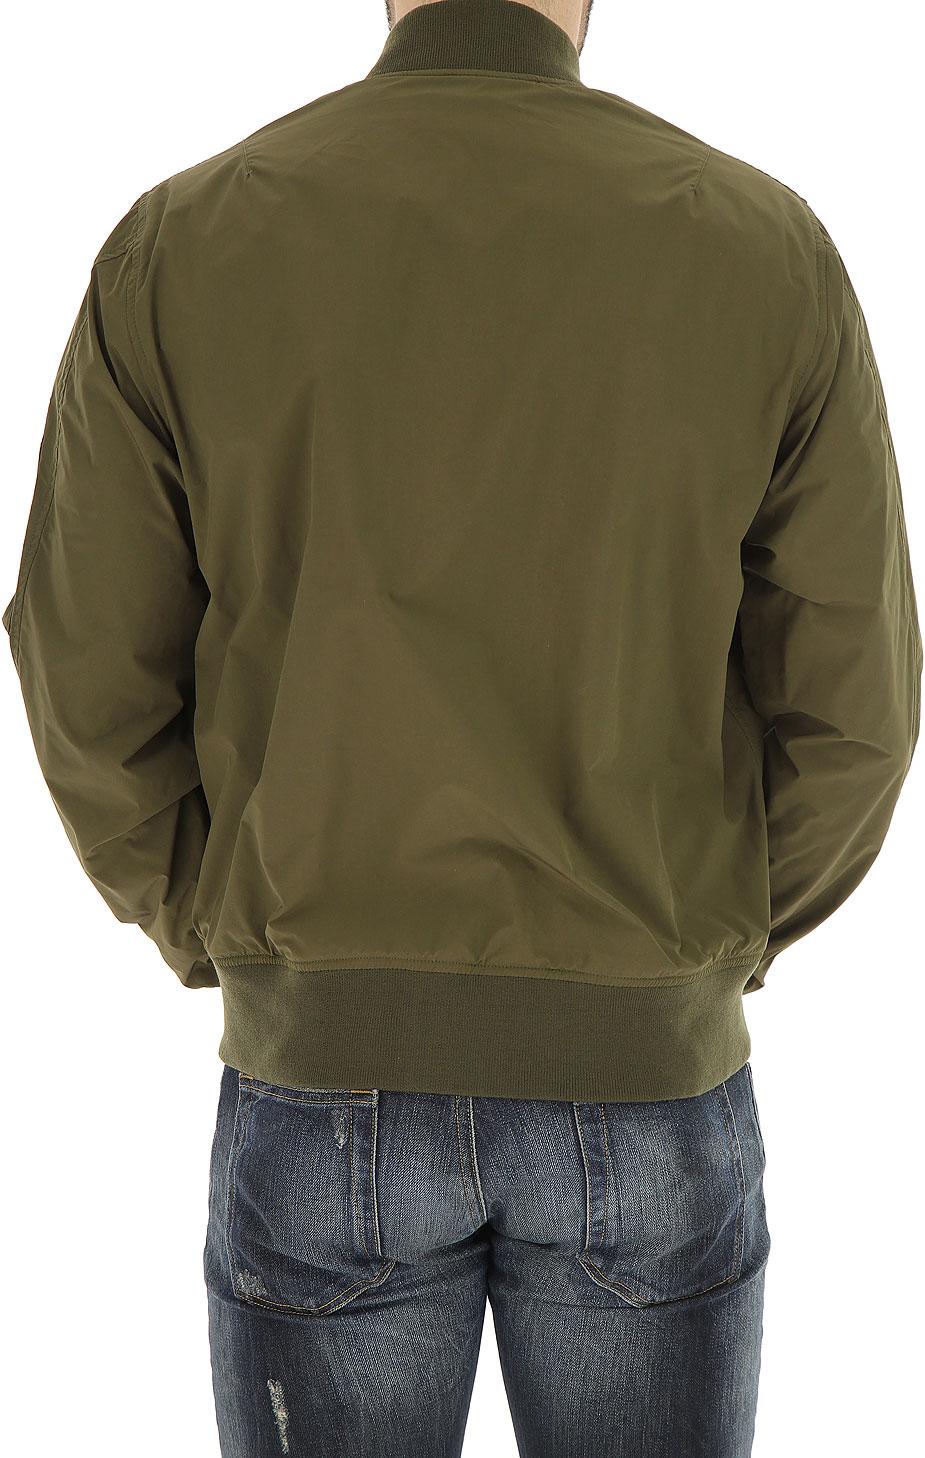 I718-9974-01237 Codice Uomo Articolo Abbigliamento Aspesi